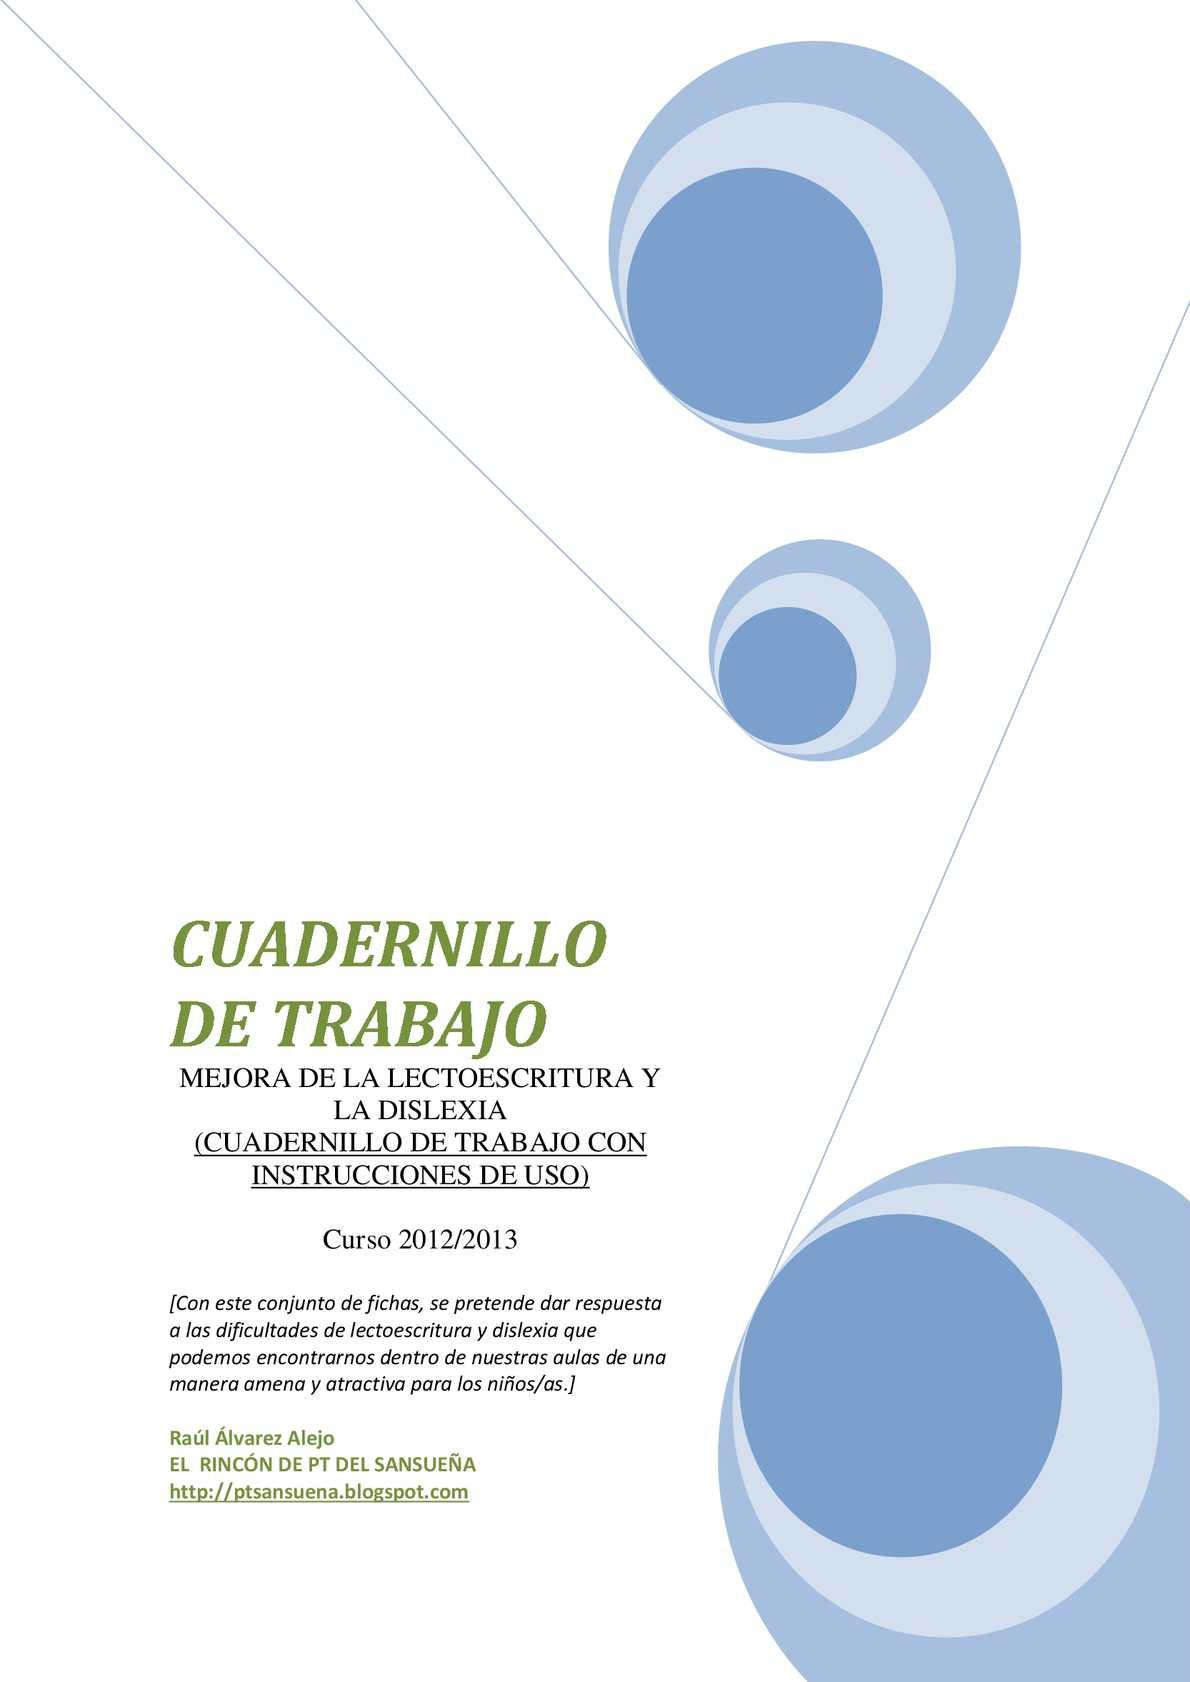 79a605ae4fc7 Calaméo - Cuadernillo De Trabajo Mejorar La Lectoescritura Dislexia